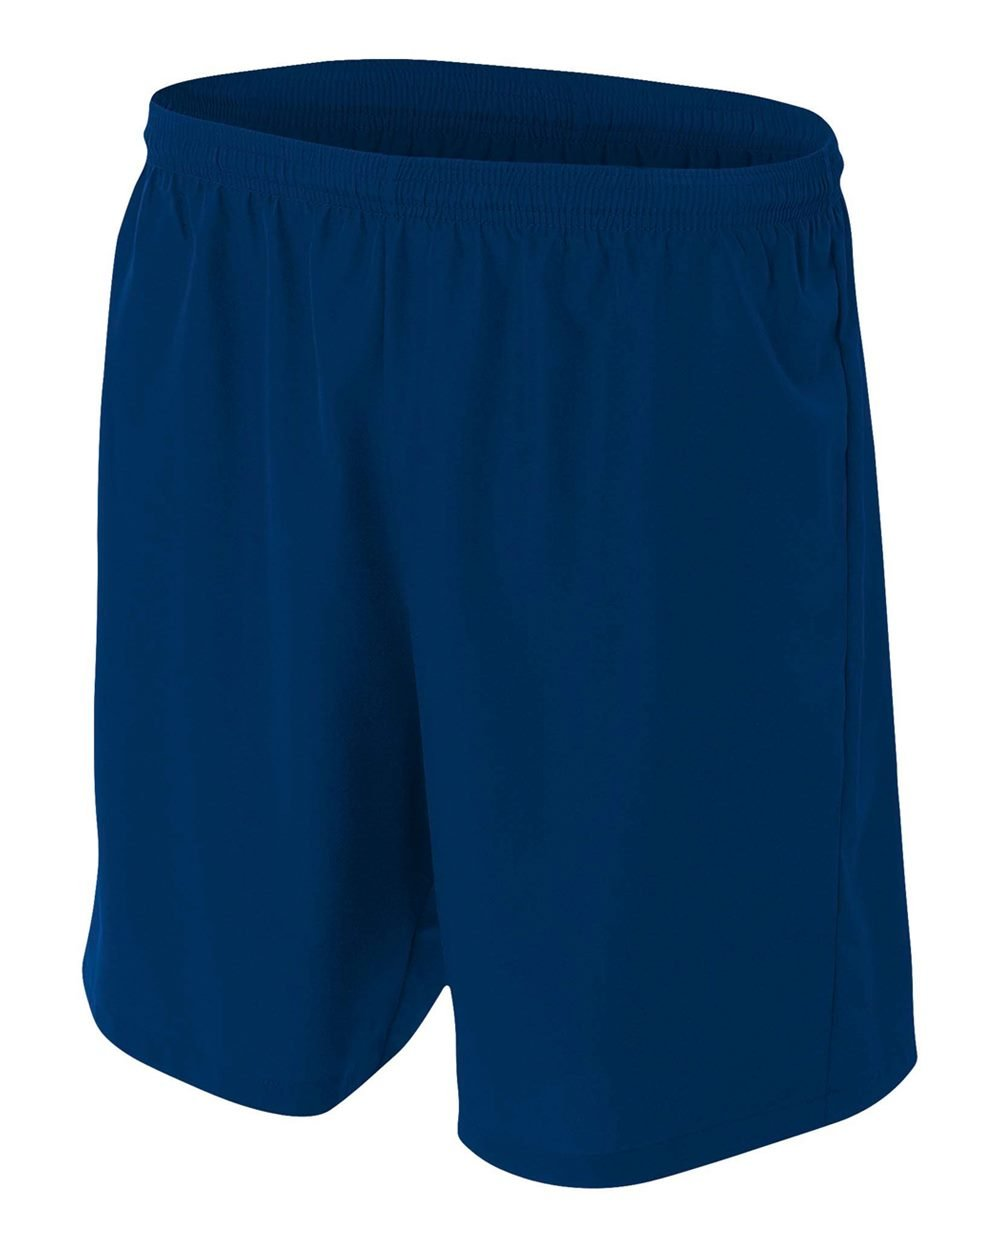 新しいWoven Soccer Shorts Moisture Wicking快適Odor & Stain Resistant ( 6色、子供&大人サイズ10 ) B00SVXRSU8 4L|ネイビーブルー ネイビーブルー 4L